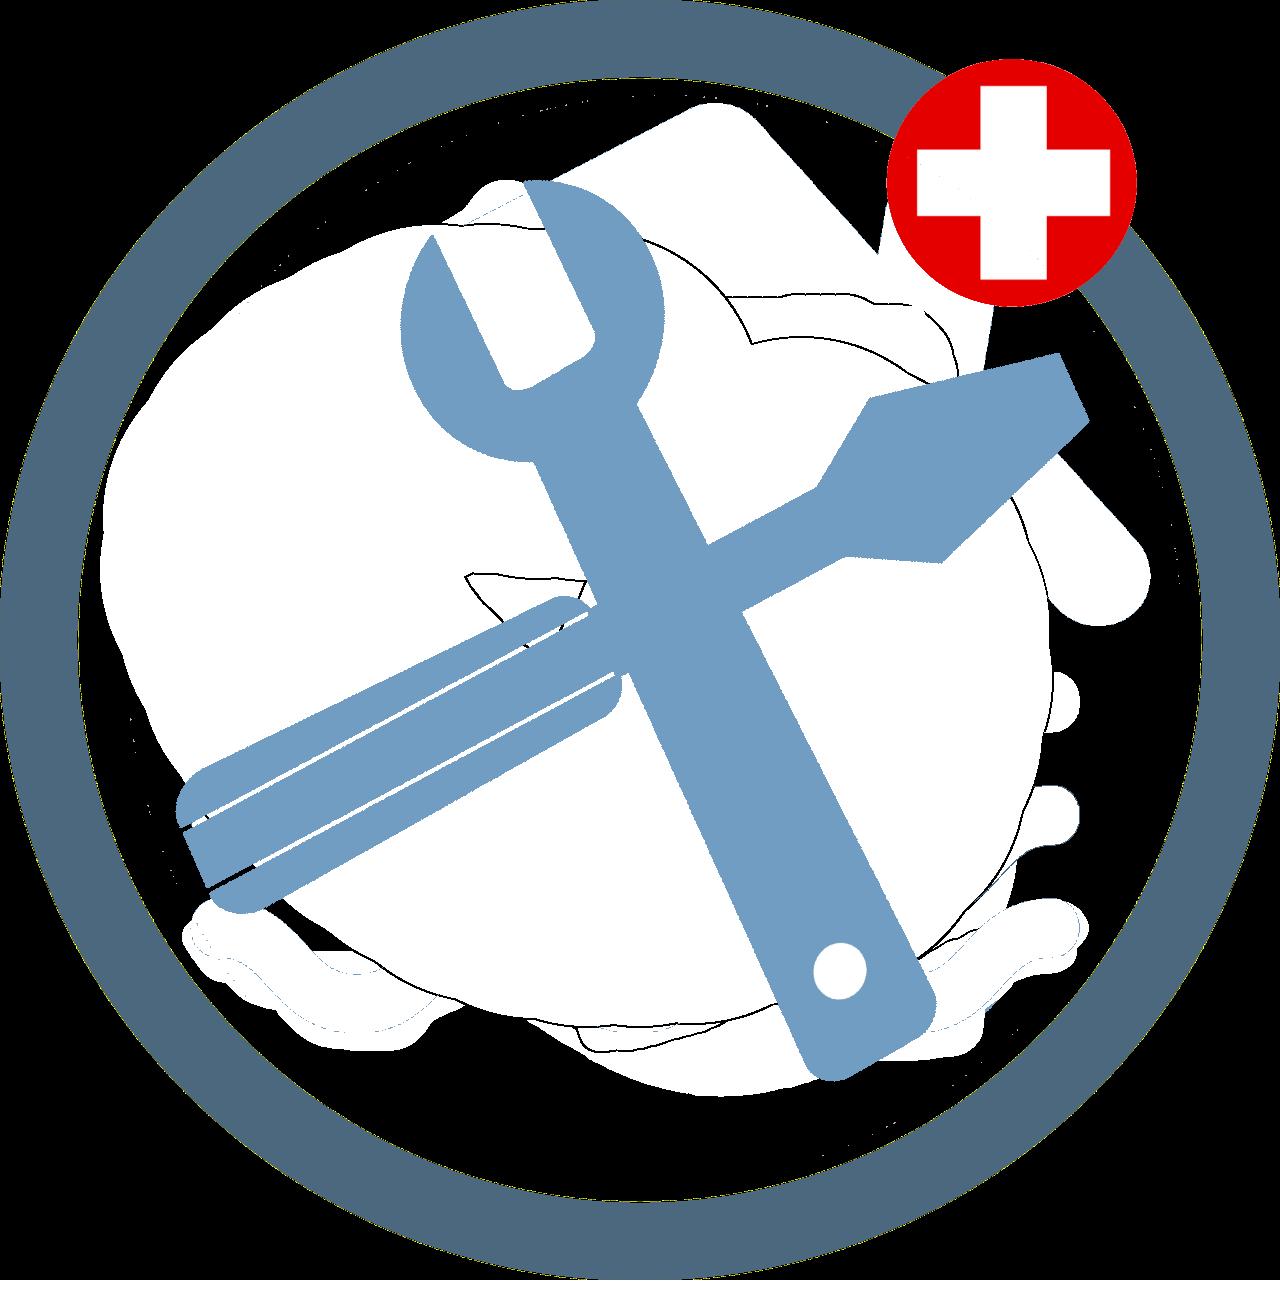 Rasche Wasserschadenhilfe für Rohrbruch, Leitungsschaden und Wasserschaden in Aschaffenburg. SAGA Wasserschaden in Aschaffenburg | Tel.: 06021-41600